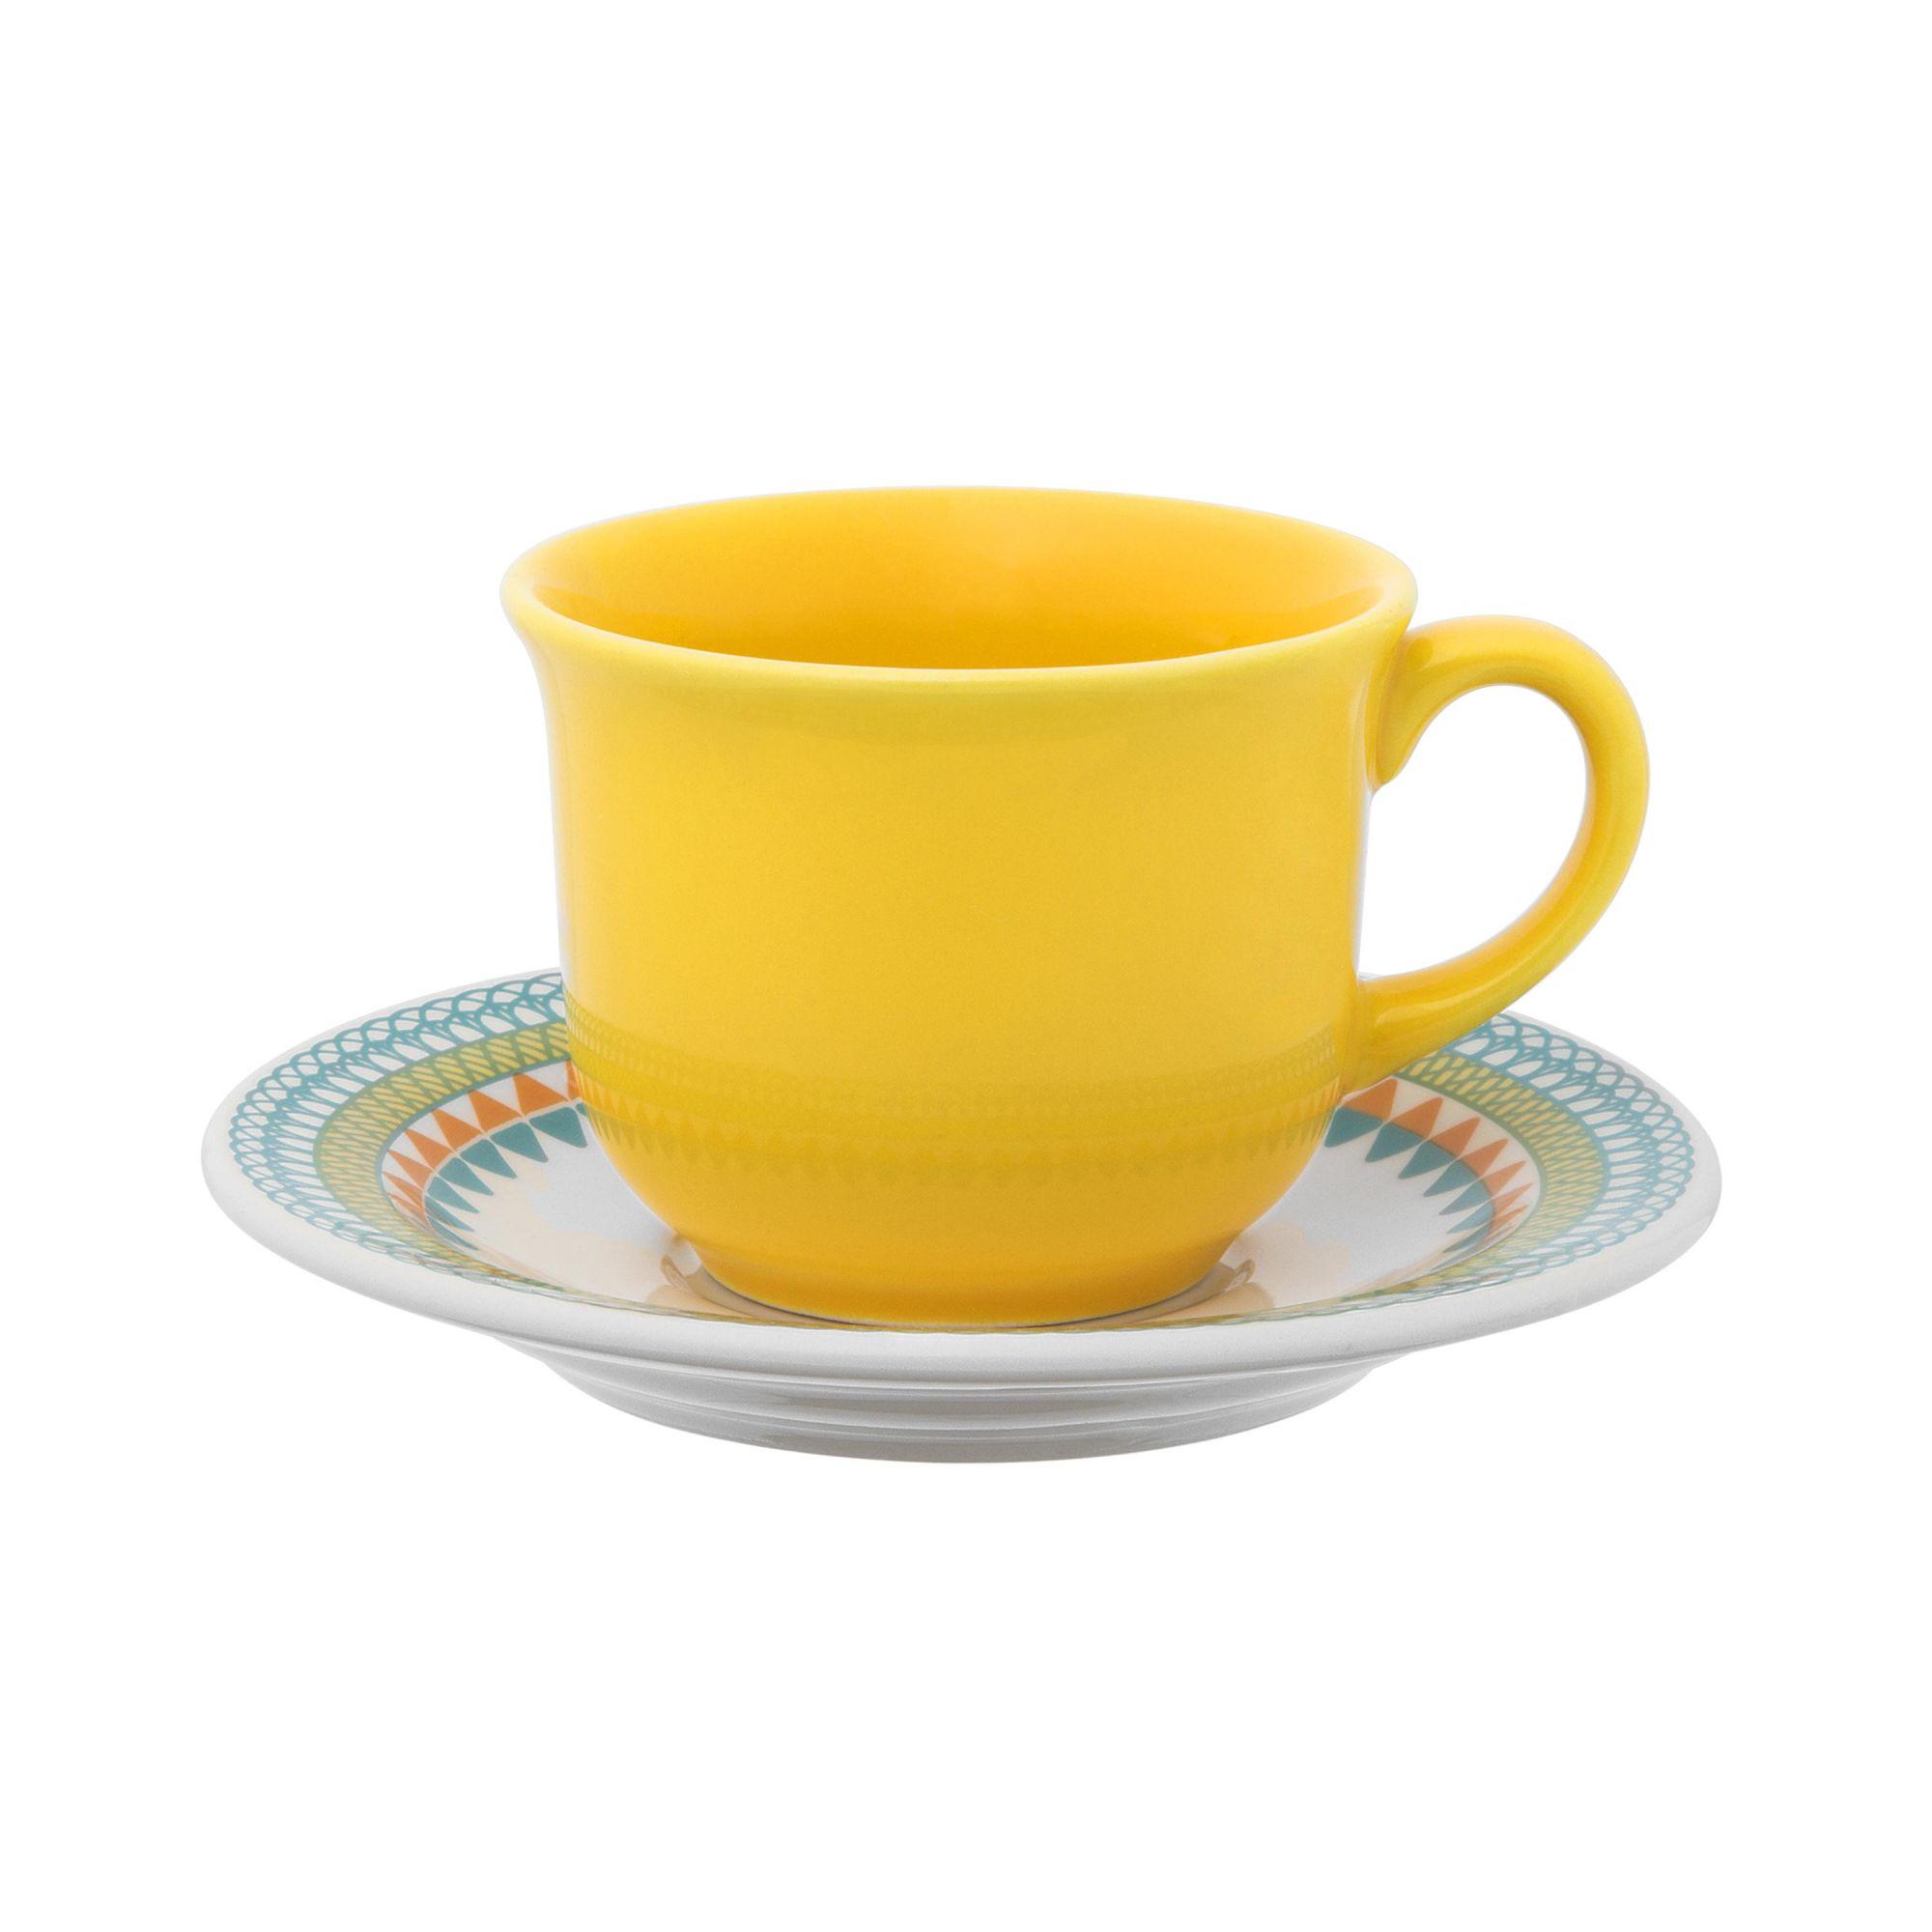 Xicara de Chá com Pires 200 ml Bilro Daily